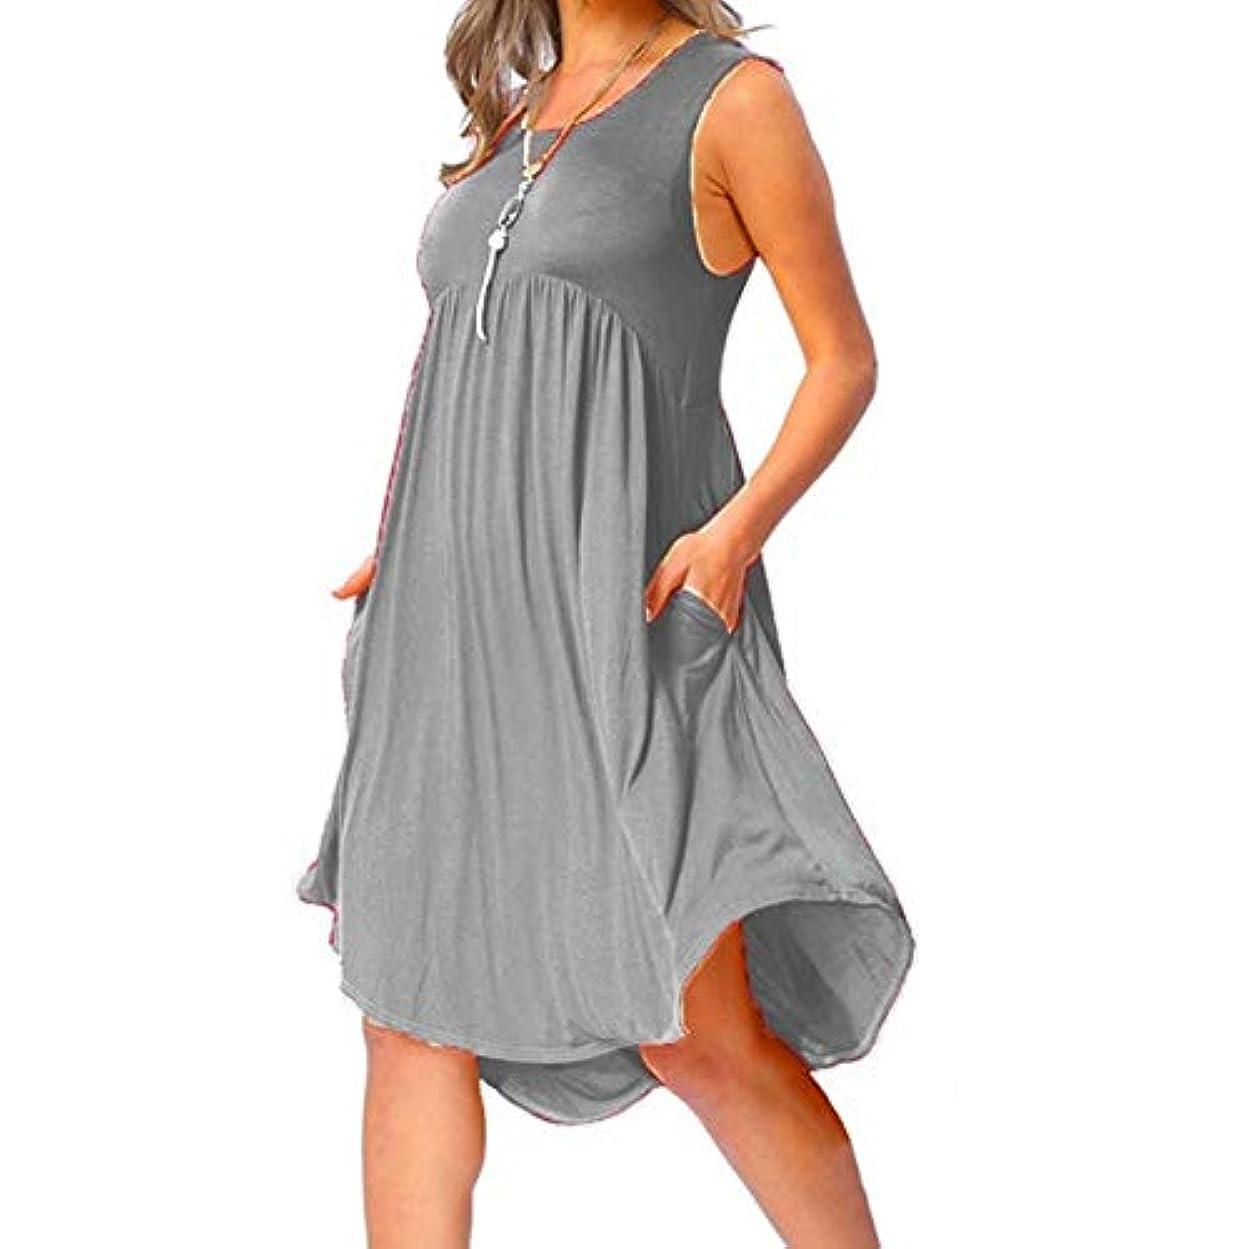 本質的に外国人タンザニアMIFAN の女性のドレスカジュアルな不規則なドレスルースサマービーチTシャツドレス